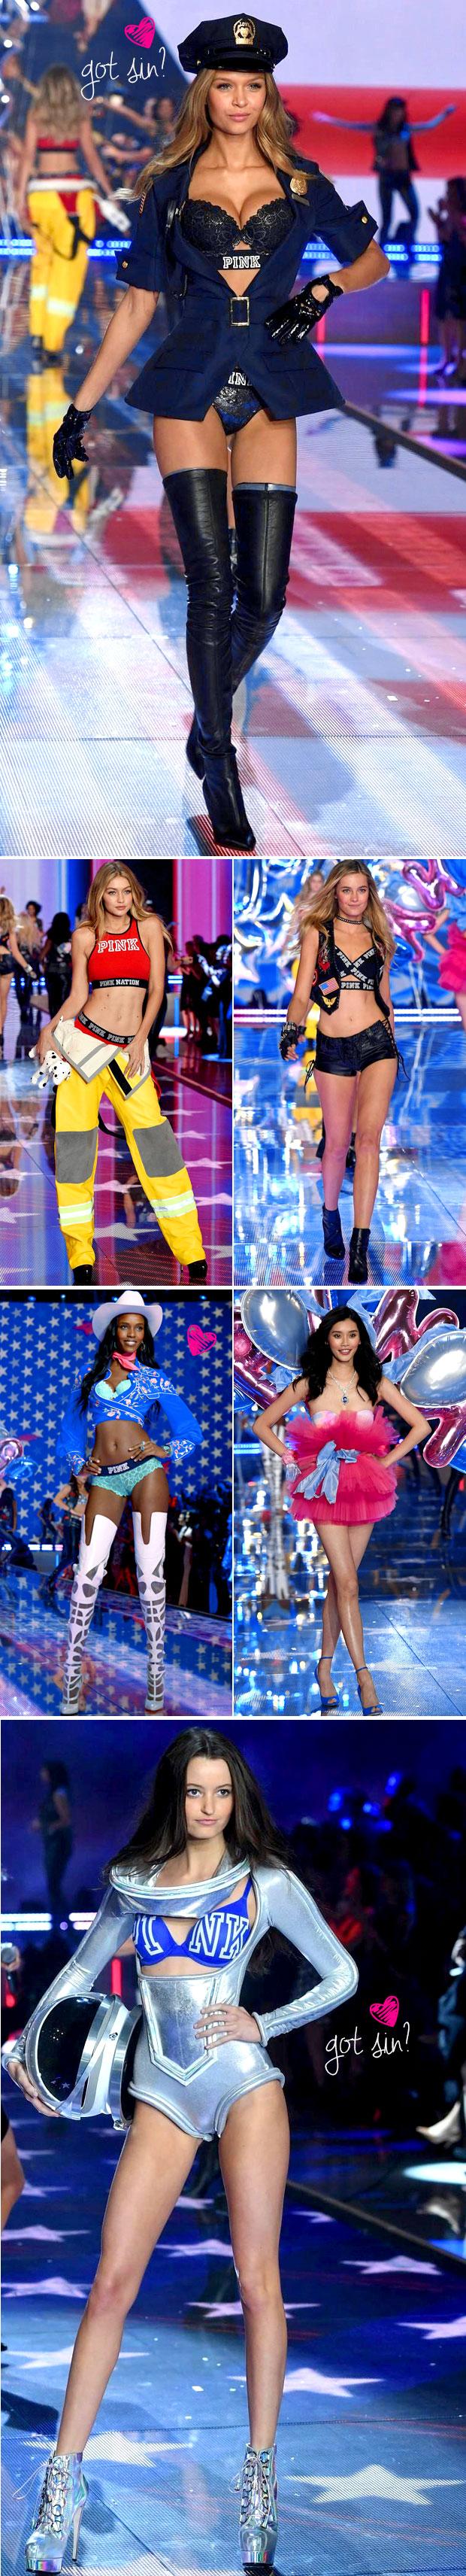 victorias-secret-fashion-show-todas-as-fotos-blog-got-sin-PINK-USA-josephine-skriver